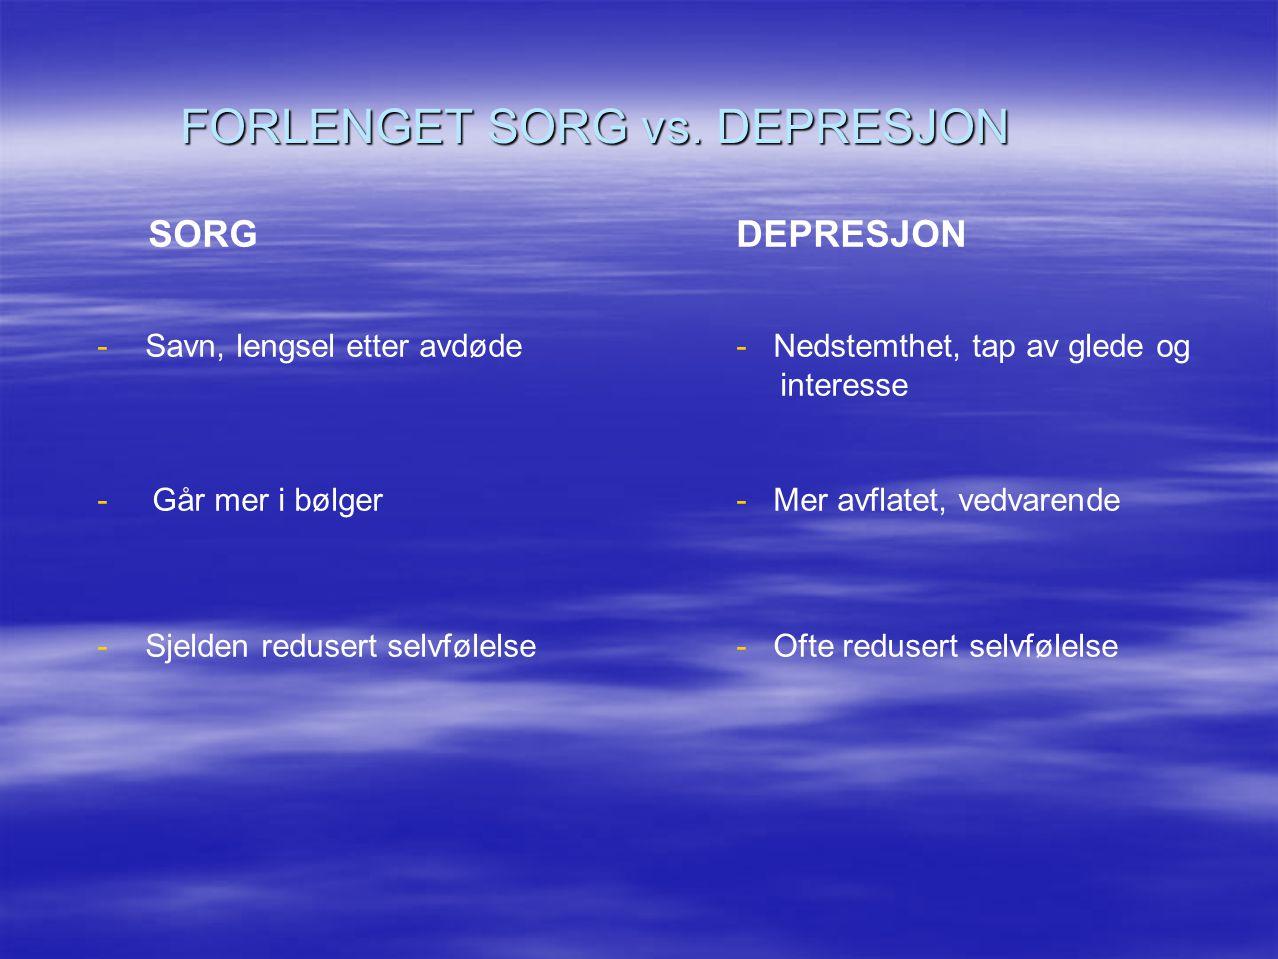 FORLENGET SORG vs. DEPRESJON